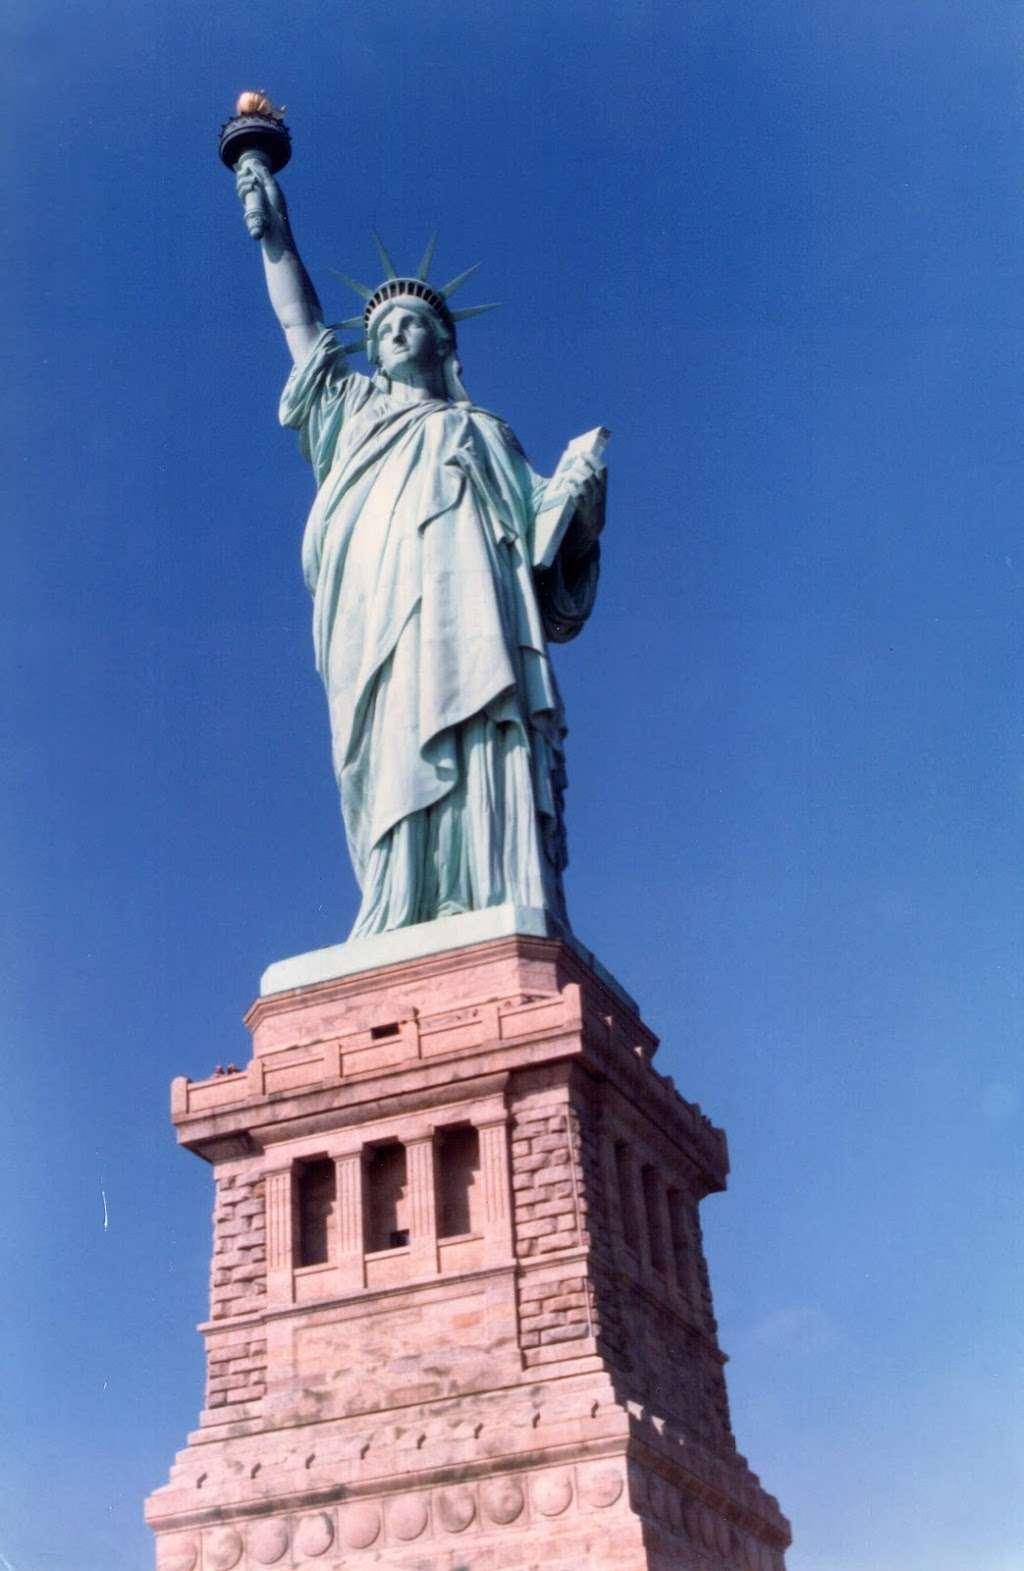 New York Estatua De La Llibertat Corona - museum  | Photo 2 of 10 | Address: Isla de la Libertad, New York, NY 10004, USA